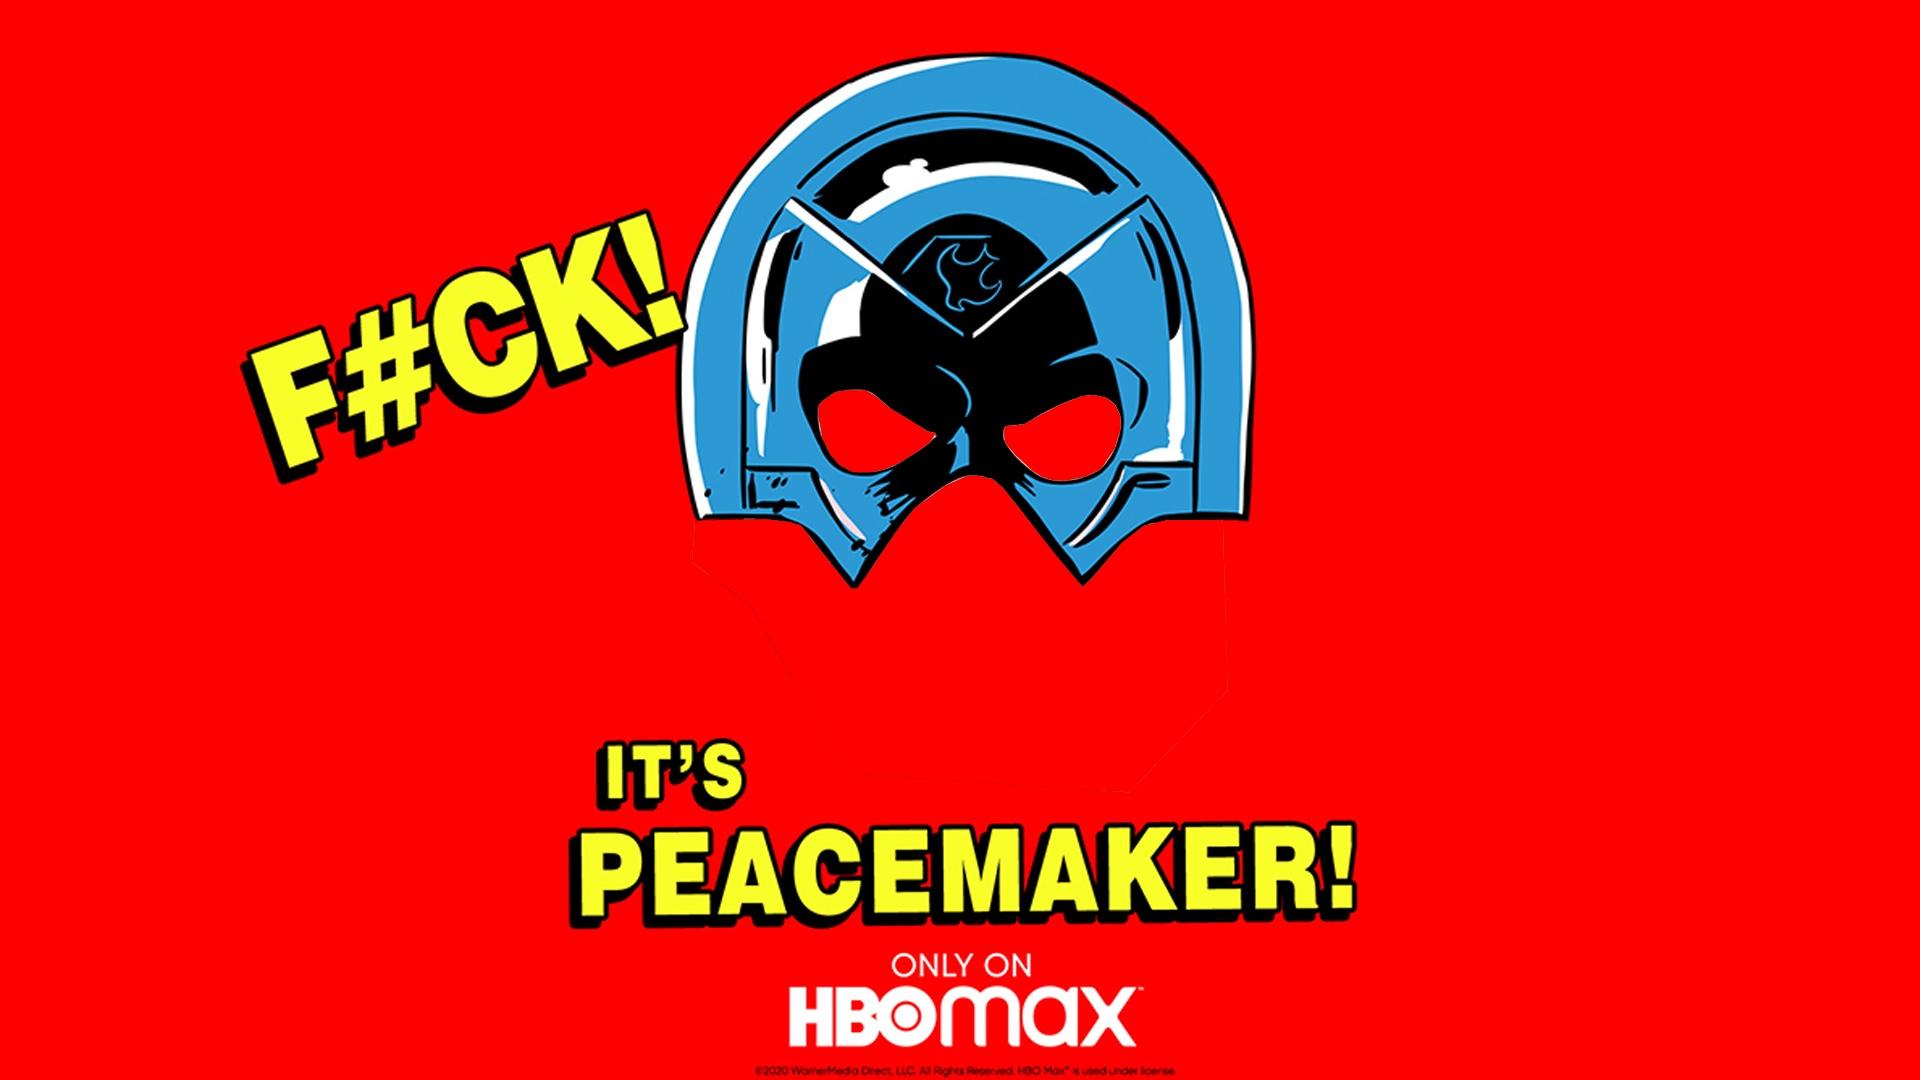 HBO MAX ordena serie basada en el personaje PEACEMAKER de THE SUICIDE SQUAD